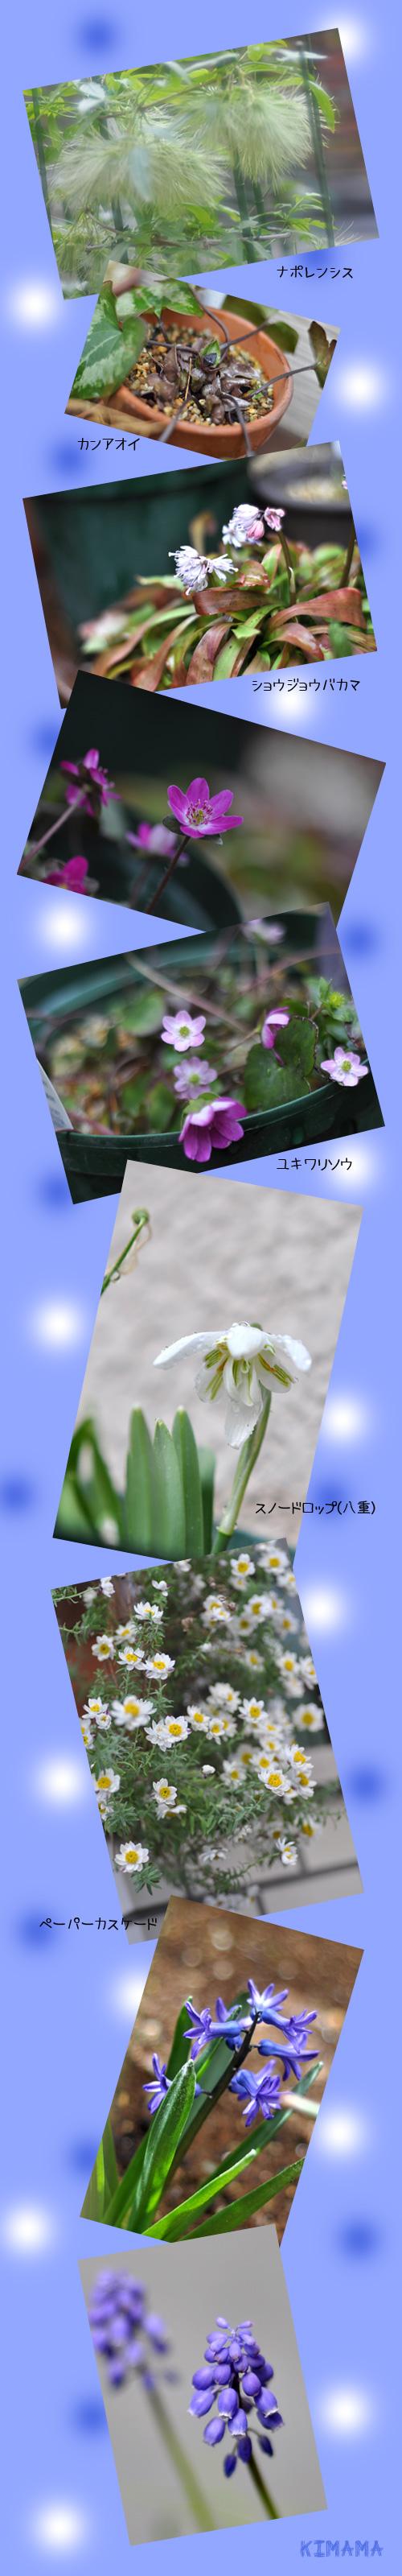 3月22日山野草